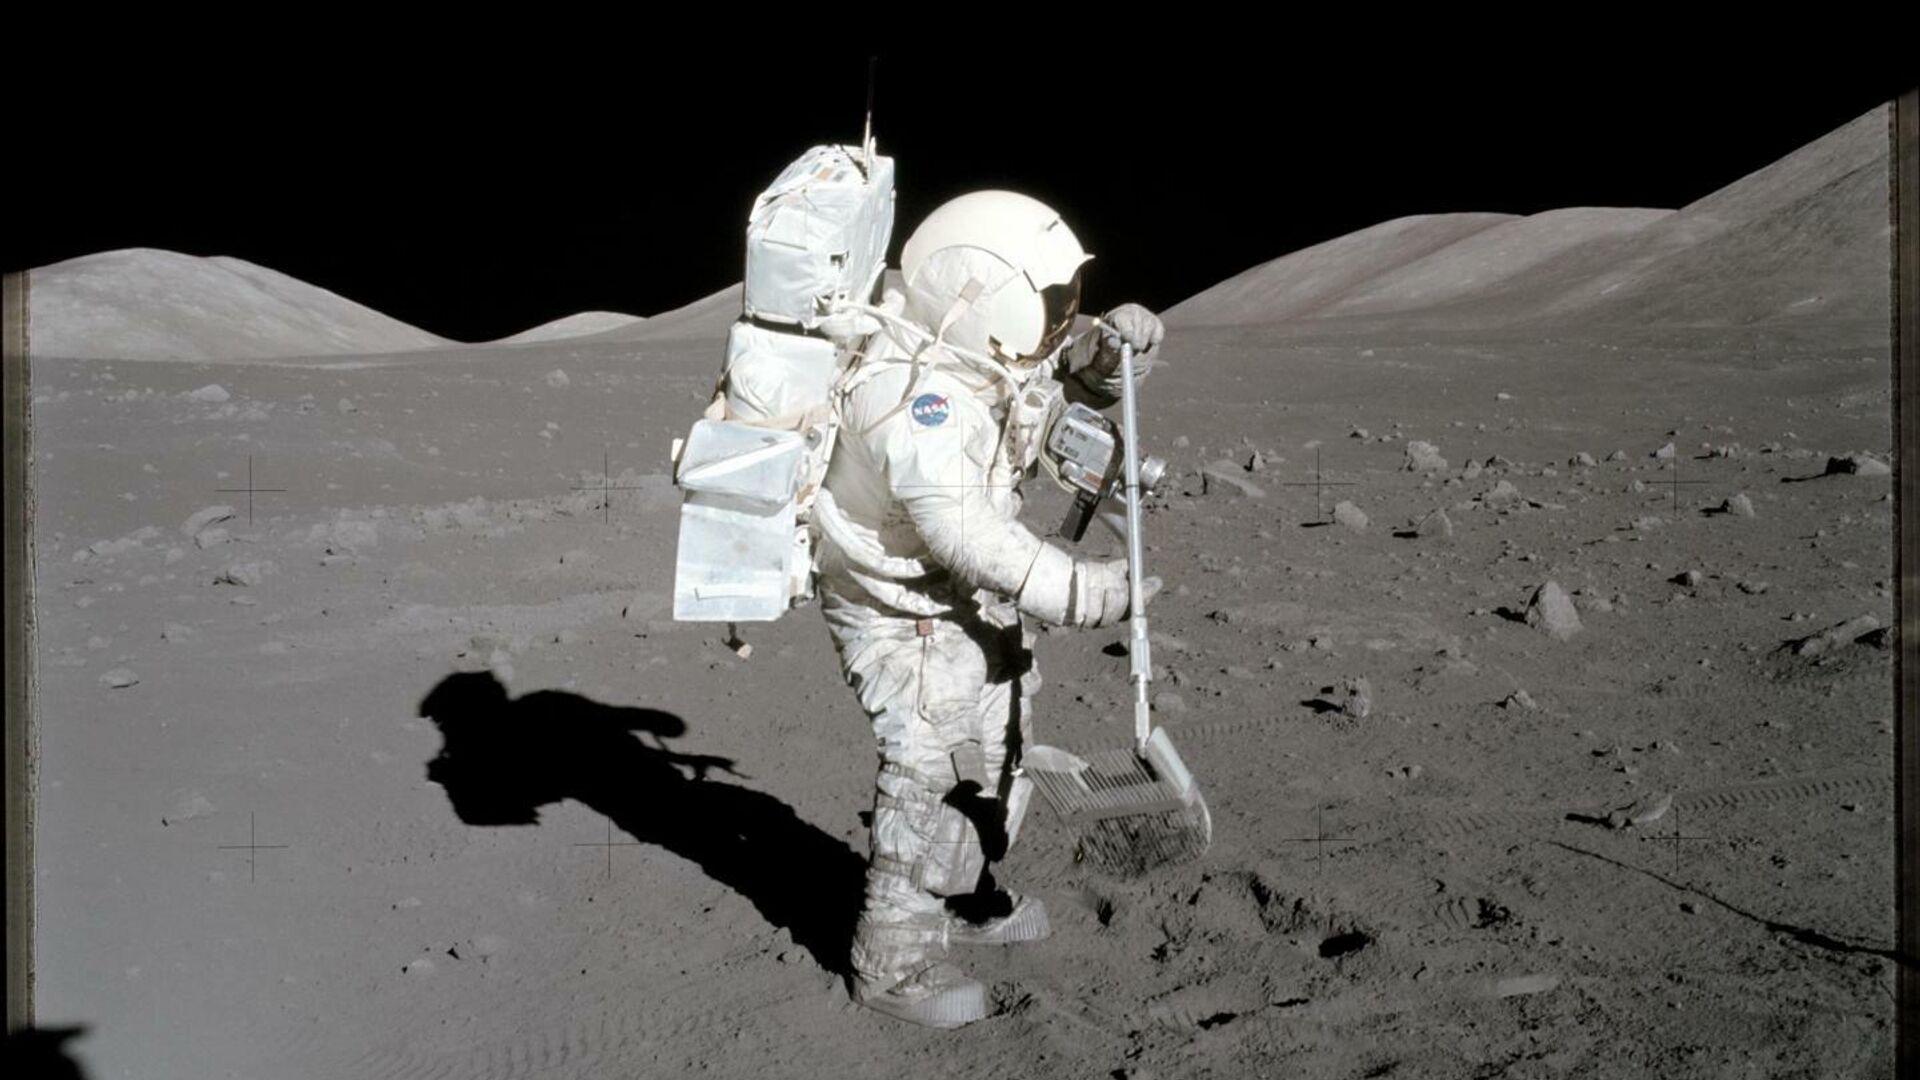 Астронавт и геолог миссии Аполлон-17 Харрисон Шмитт в 1972 году собирает образцы лунного грунта, которые использовались в данном исследовании - РИА Новости, 1920, 26.10.2020